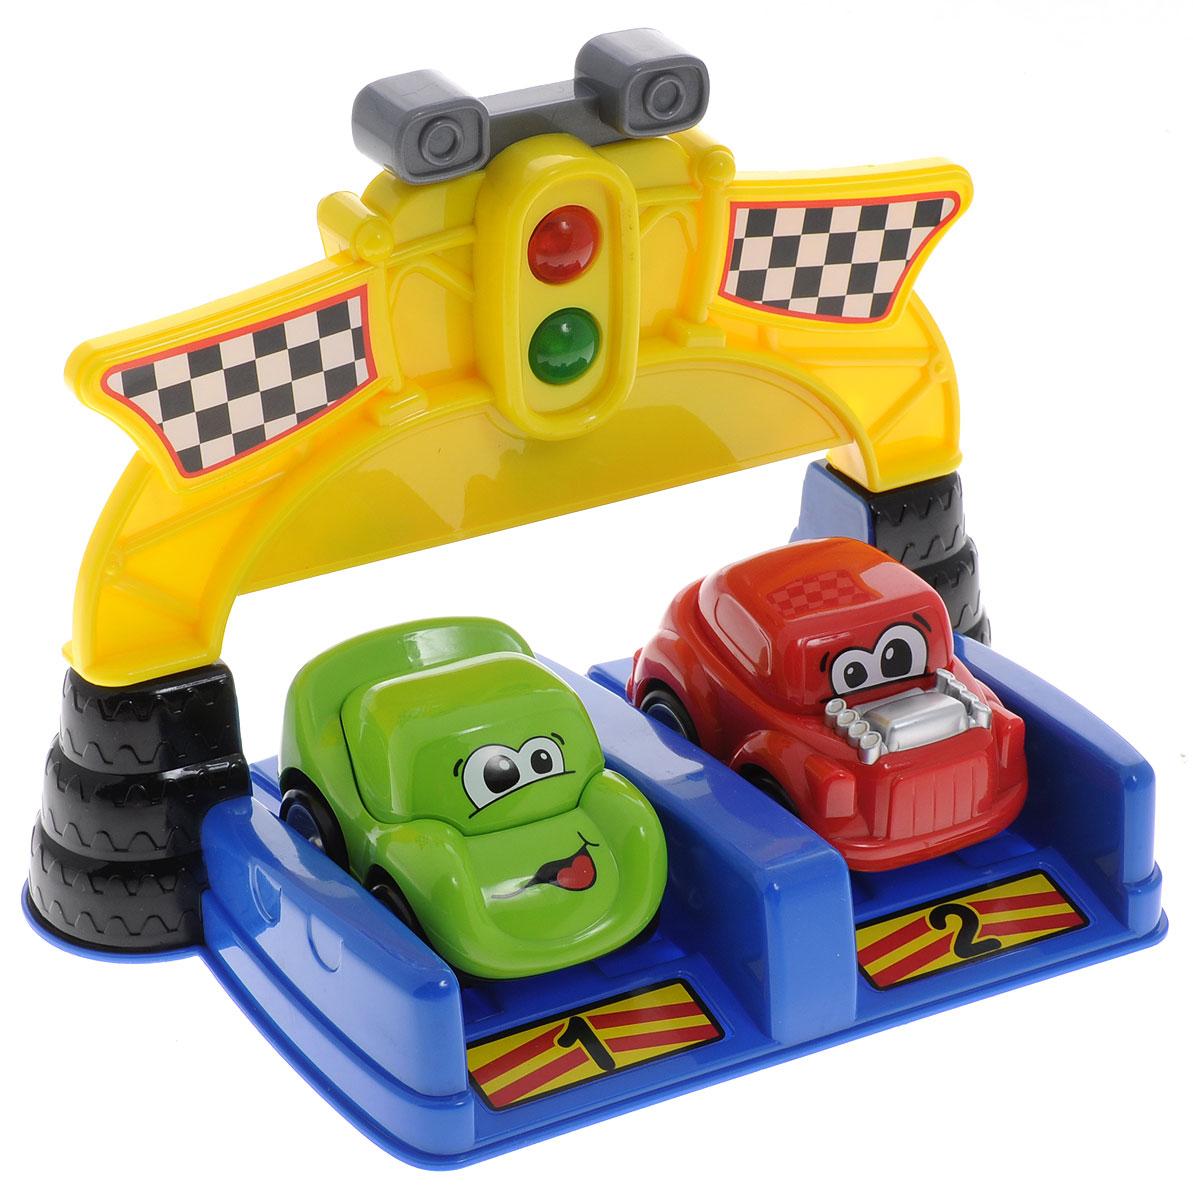 Пламенный мотор Набор инерционных машинок Наперегонки цвет желтый 2 шт87525_желтыйНабор инерционных машинок Пламенный мотор Наперегонки обязательно порадует вашего малыша. В набор входят 2 машинки красного и зеленого цветов и стартовая площадка для запуска. Для игры надо установить машинки у стартовой линии, нажать кнопку на светофоре, дождаться зеленого сигнала, нажать на машинку - гонка начинается! Игра сопровождается реалистичными звуками настоящих гонок и световыми эффектами. Для работы игрушки необходимы 2 батарейки напряжением 1,5V типа ААА (товар комплектуется демонстрационными).